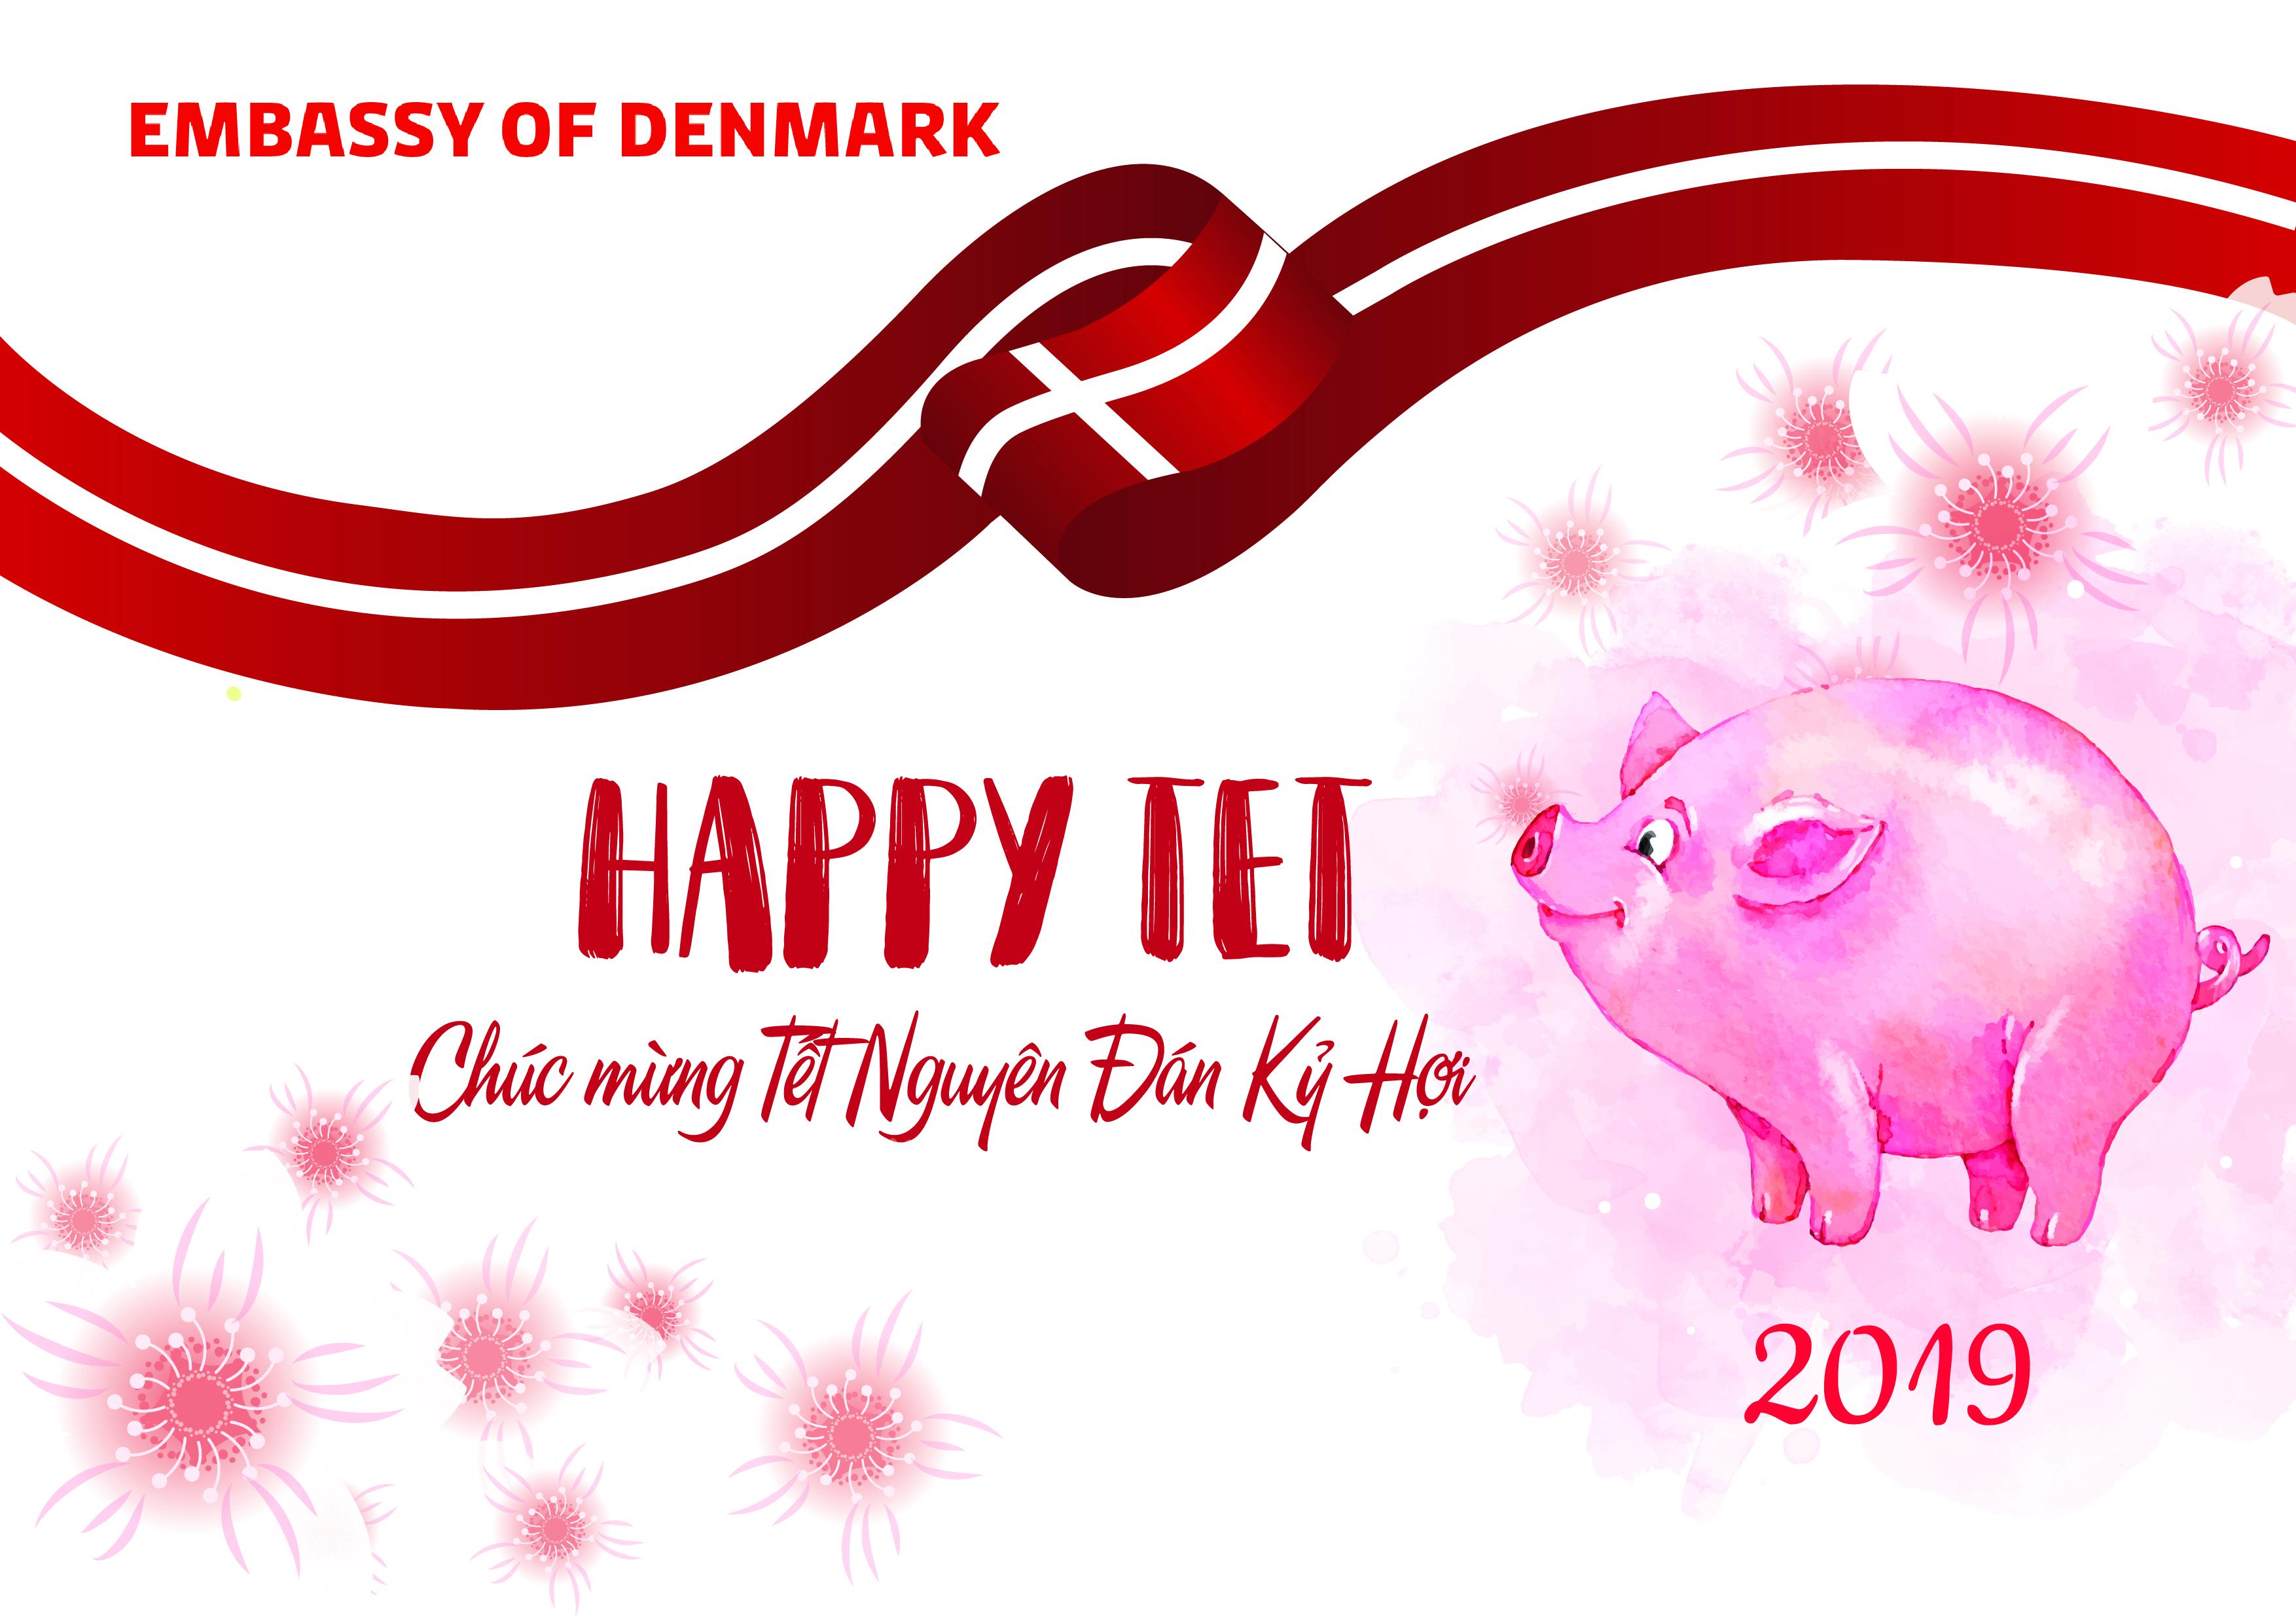 Lời chúc Tết nồng ấm của Đại sứ Đan Mạch bằng tiếng Việt